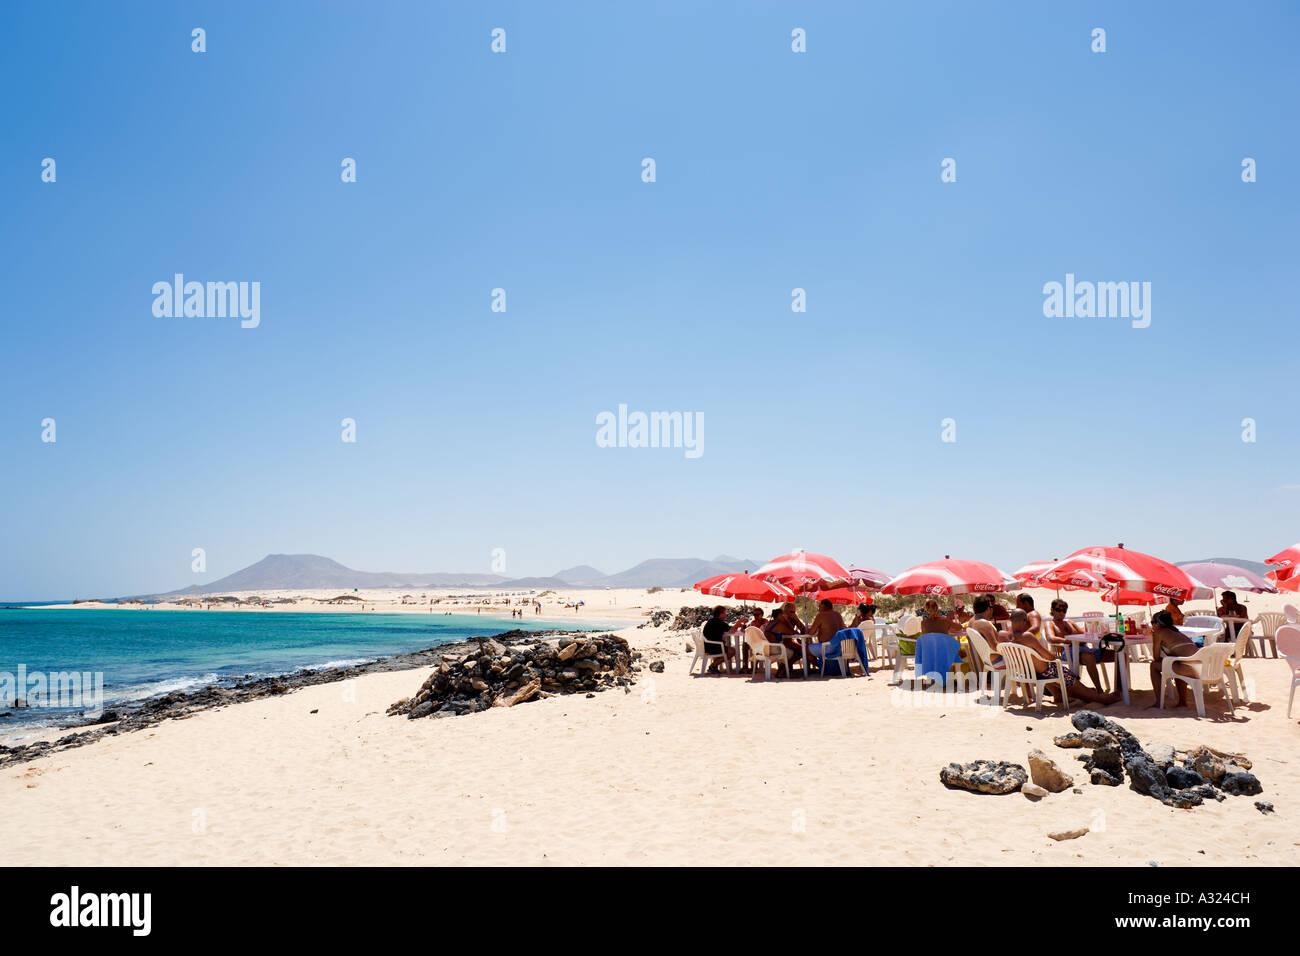 Strandbar, Parque Natural de Corralejo, Fuerteventura, Kanarische Inseln, Spanien Stockbild